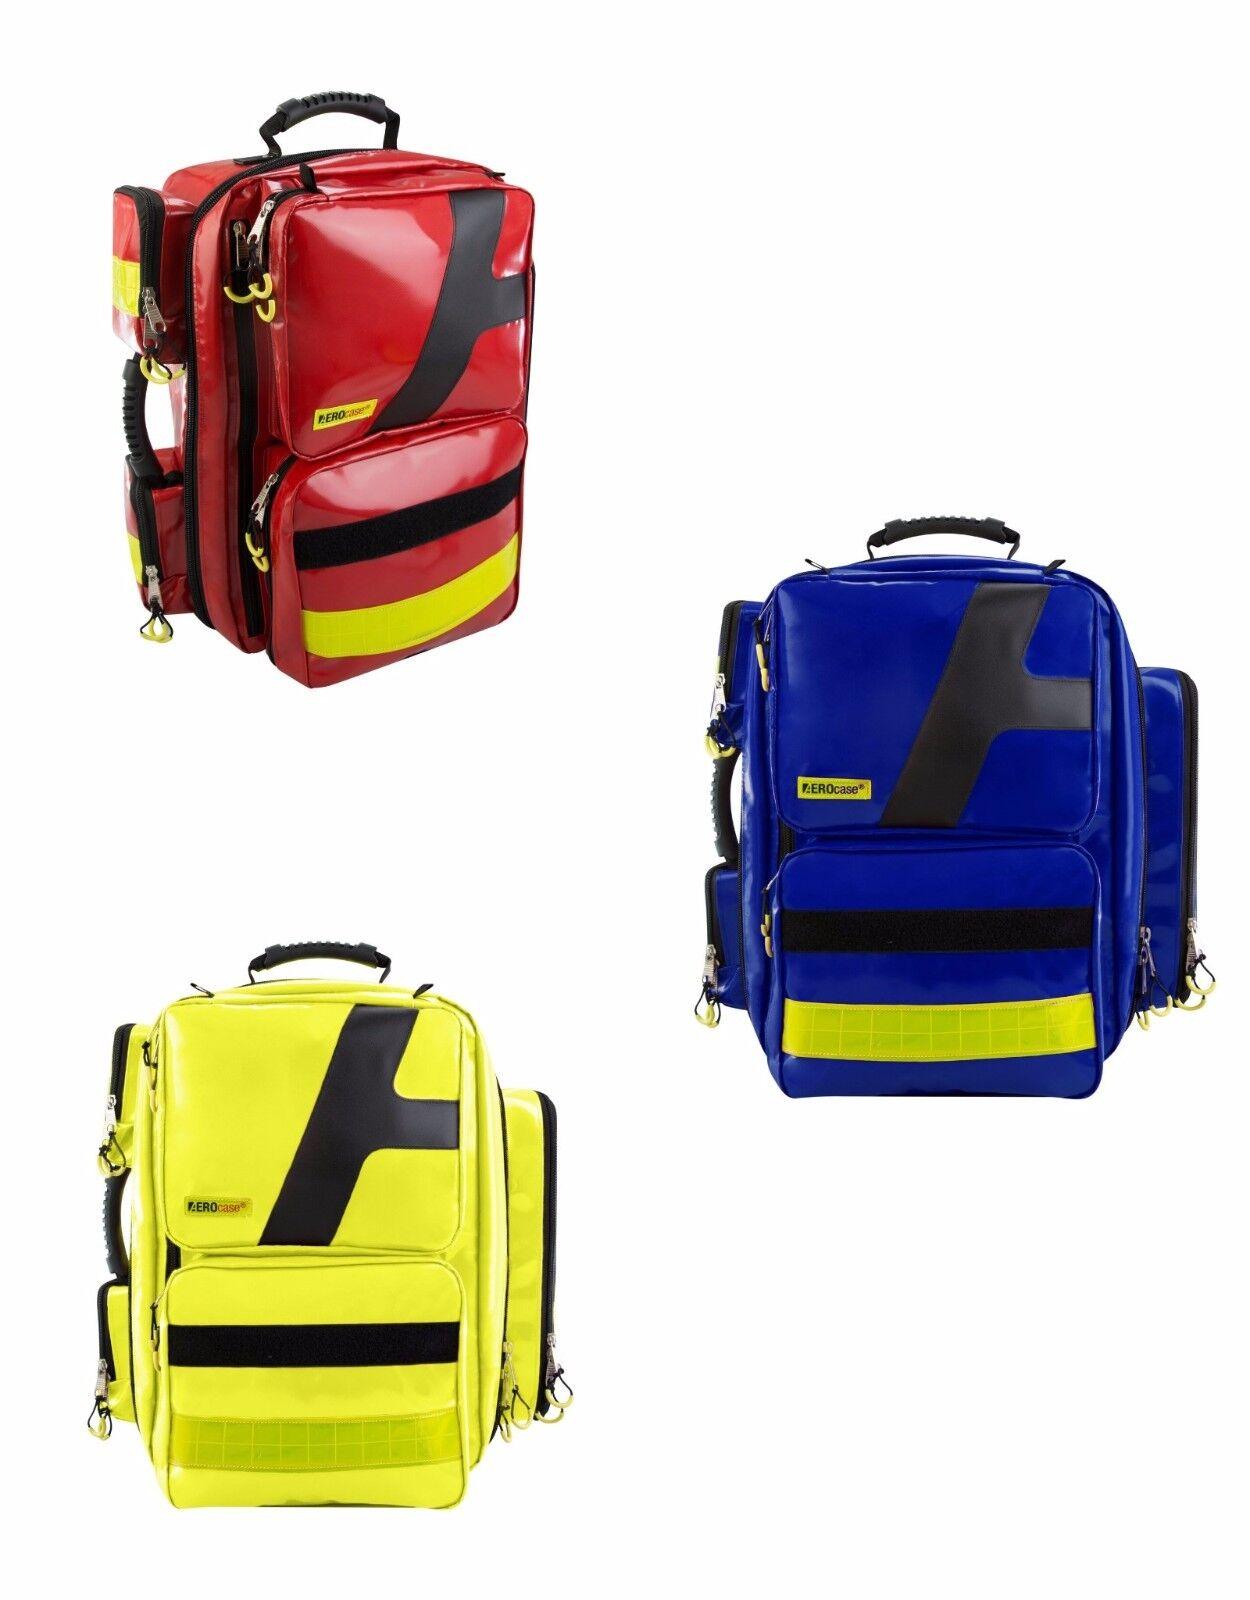 ZAINO di emergenza AeroCase Mpxl GIALLO BLU ROSSO Valigetta pxl1c